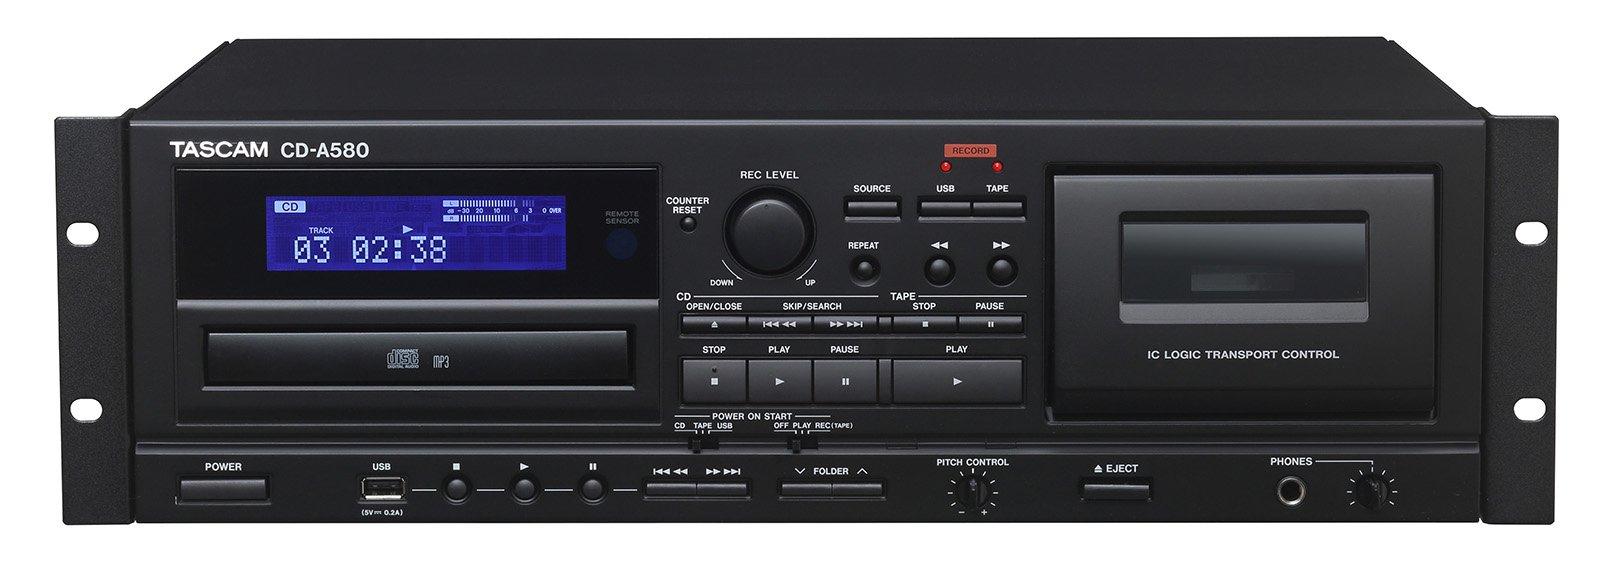 Tascam CD player/ Cassette Deck CD-A580